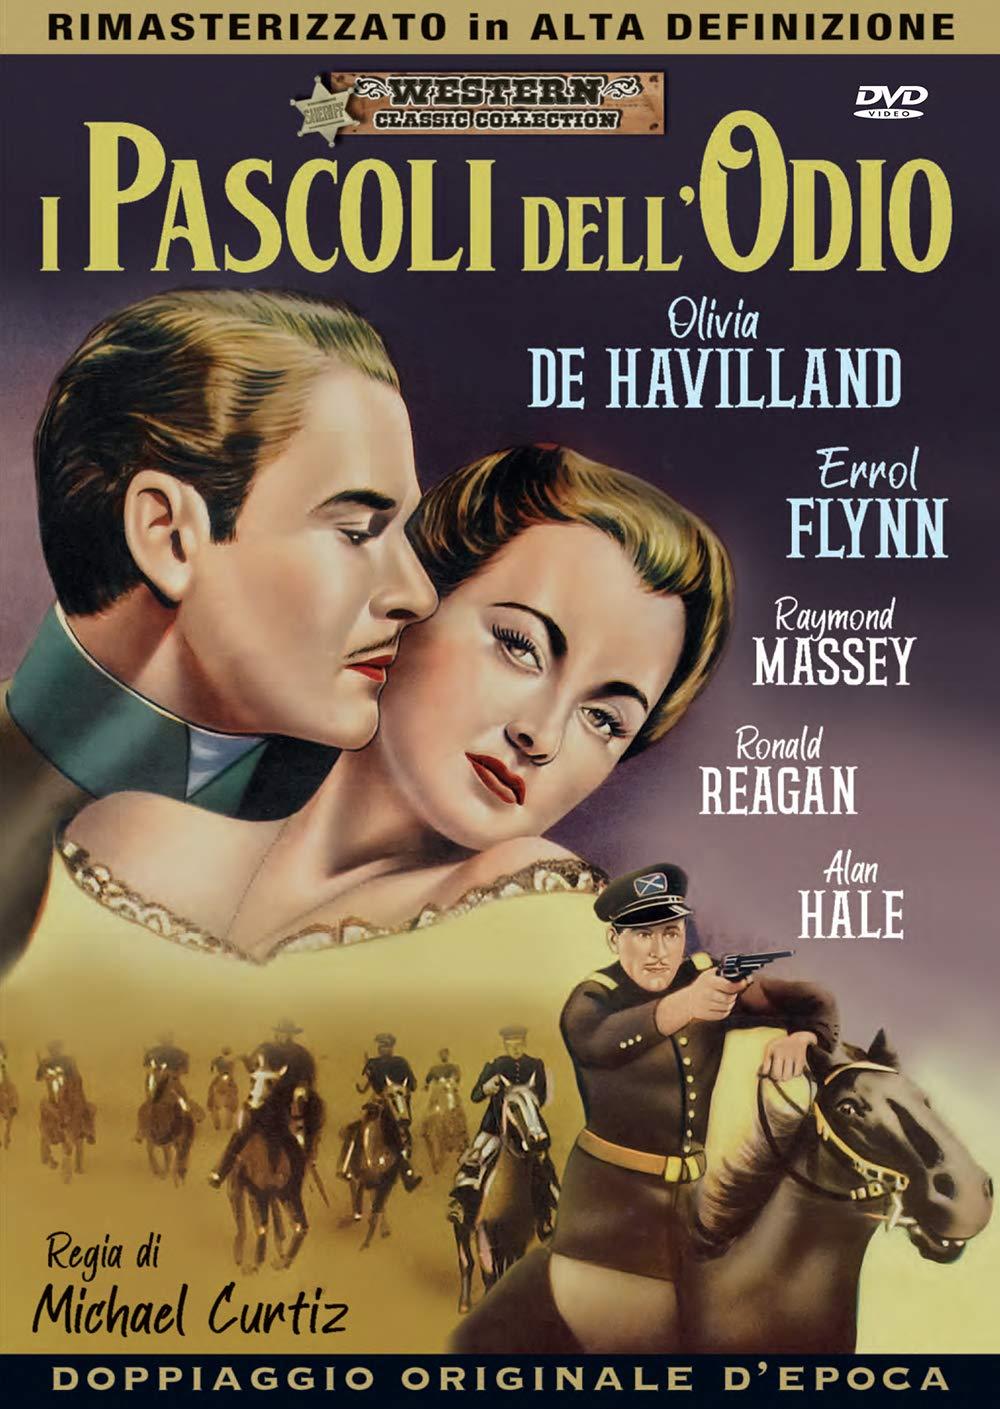 I PASCOLI DELL'ODIO (DVD)